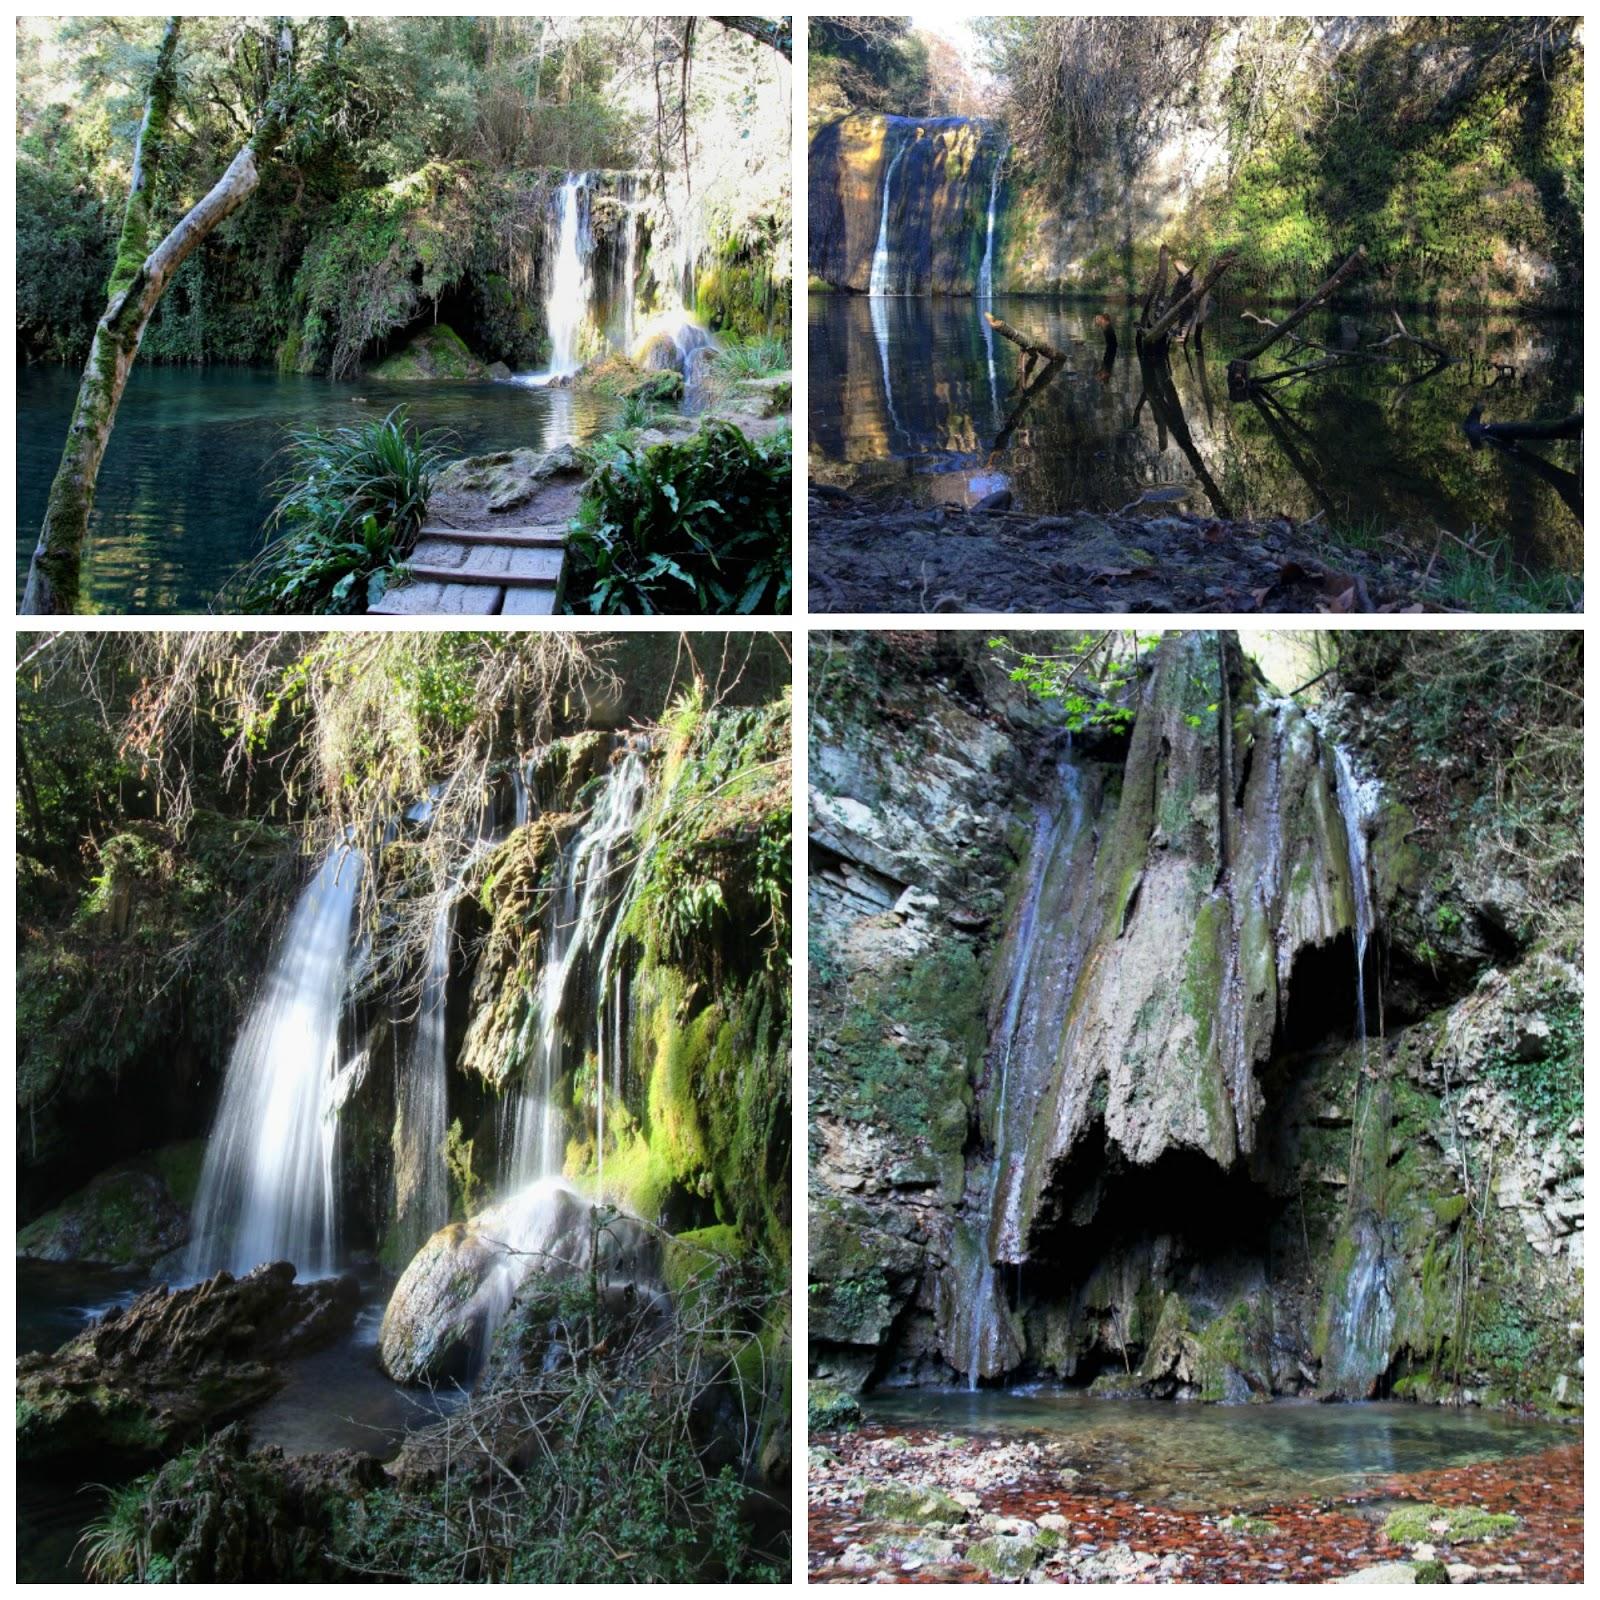 Cómo llegar al Molí dels Murris y otras pozas de la Garrotxa